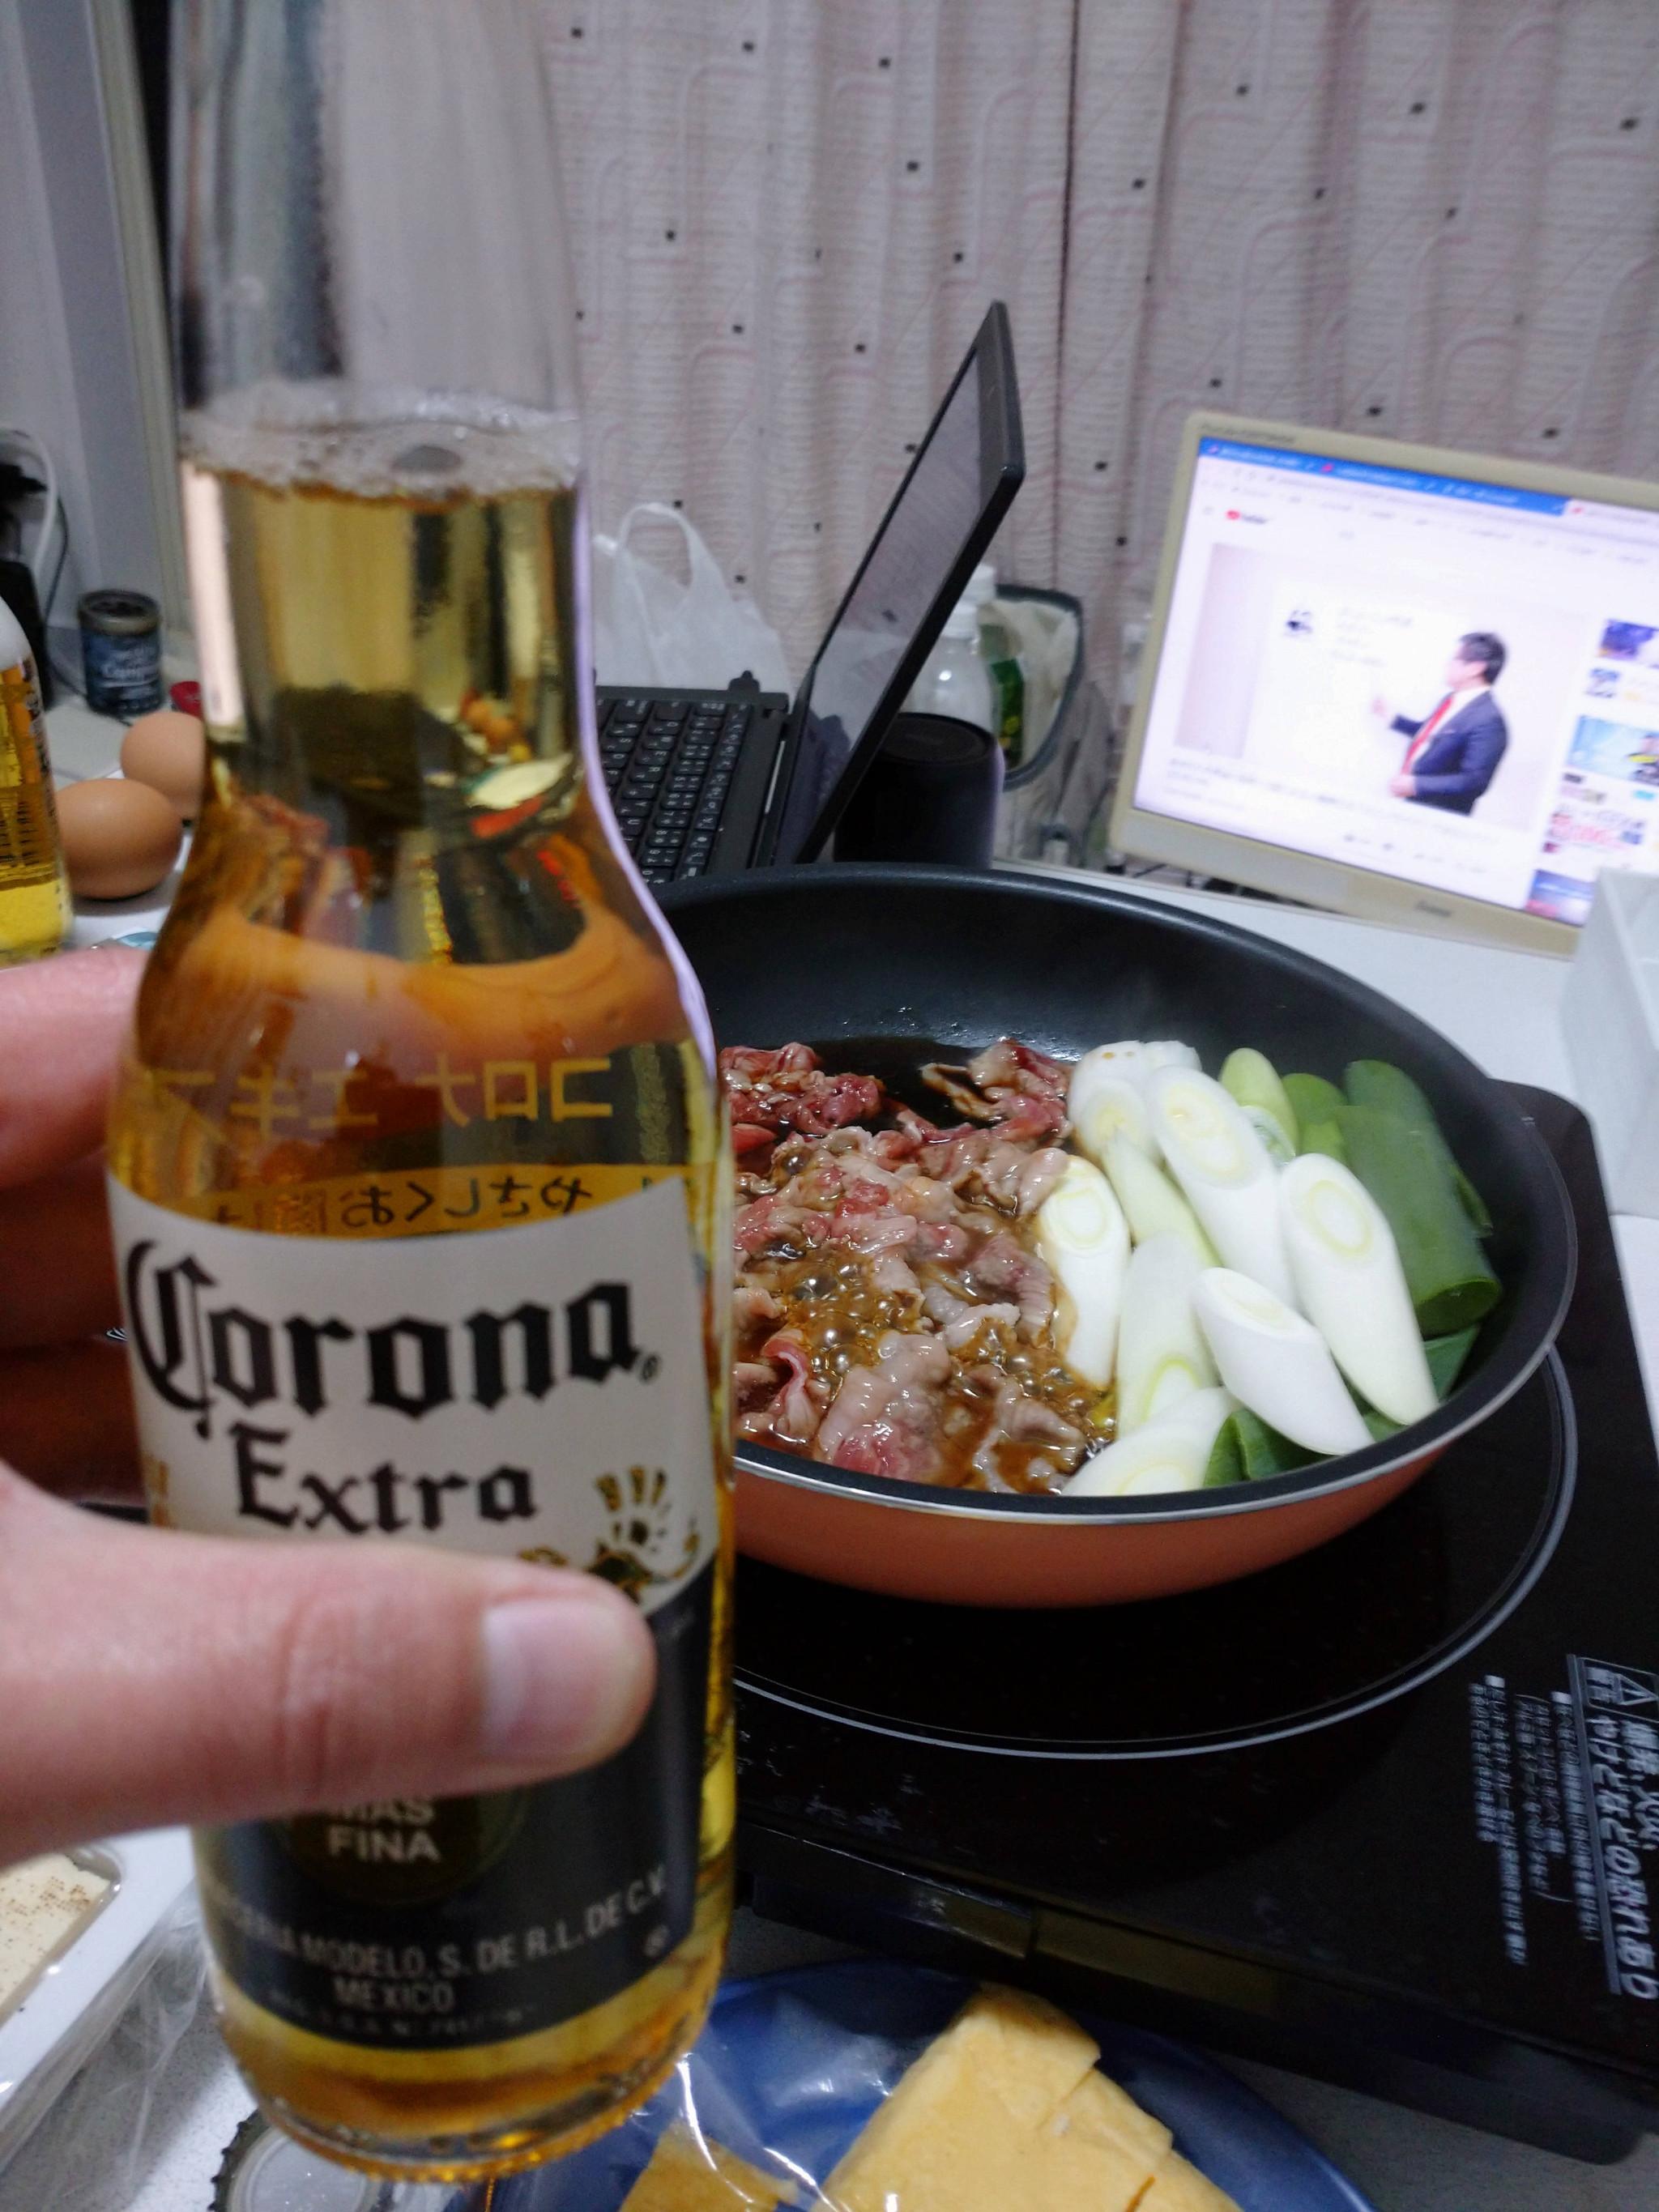 コロナビールで新型コロナ(武漢肺炎)もいちコロナ!